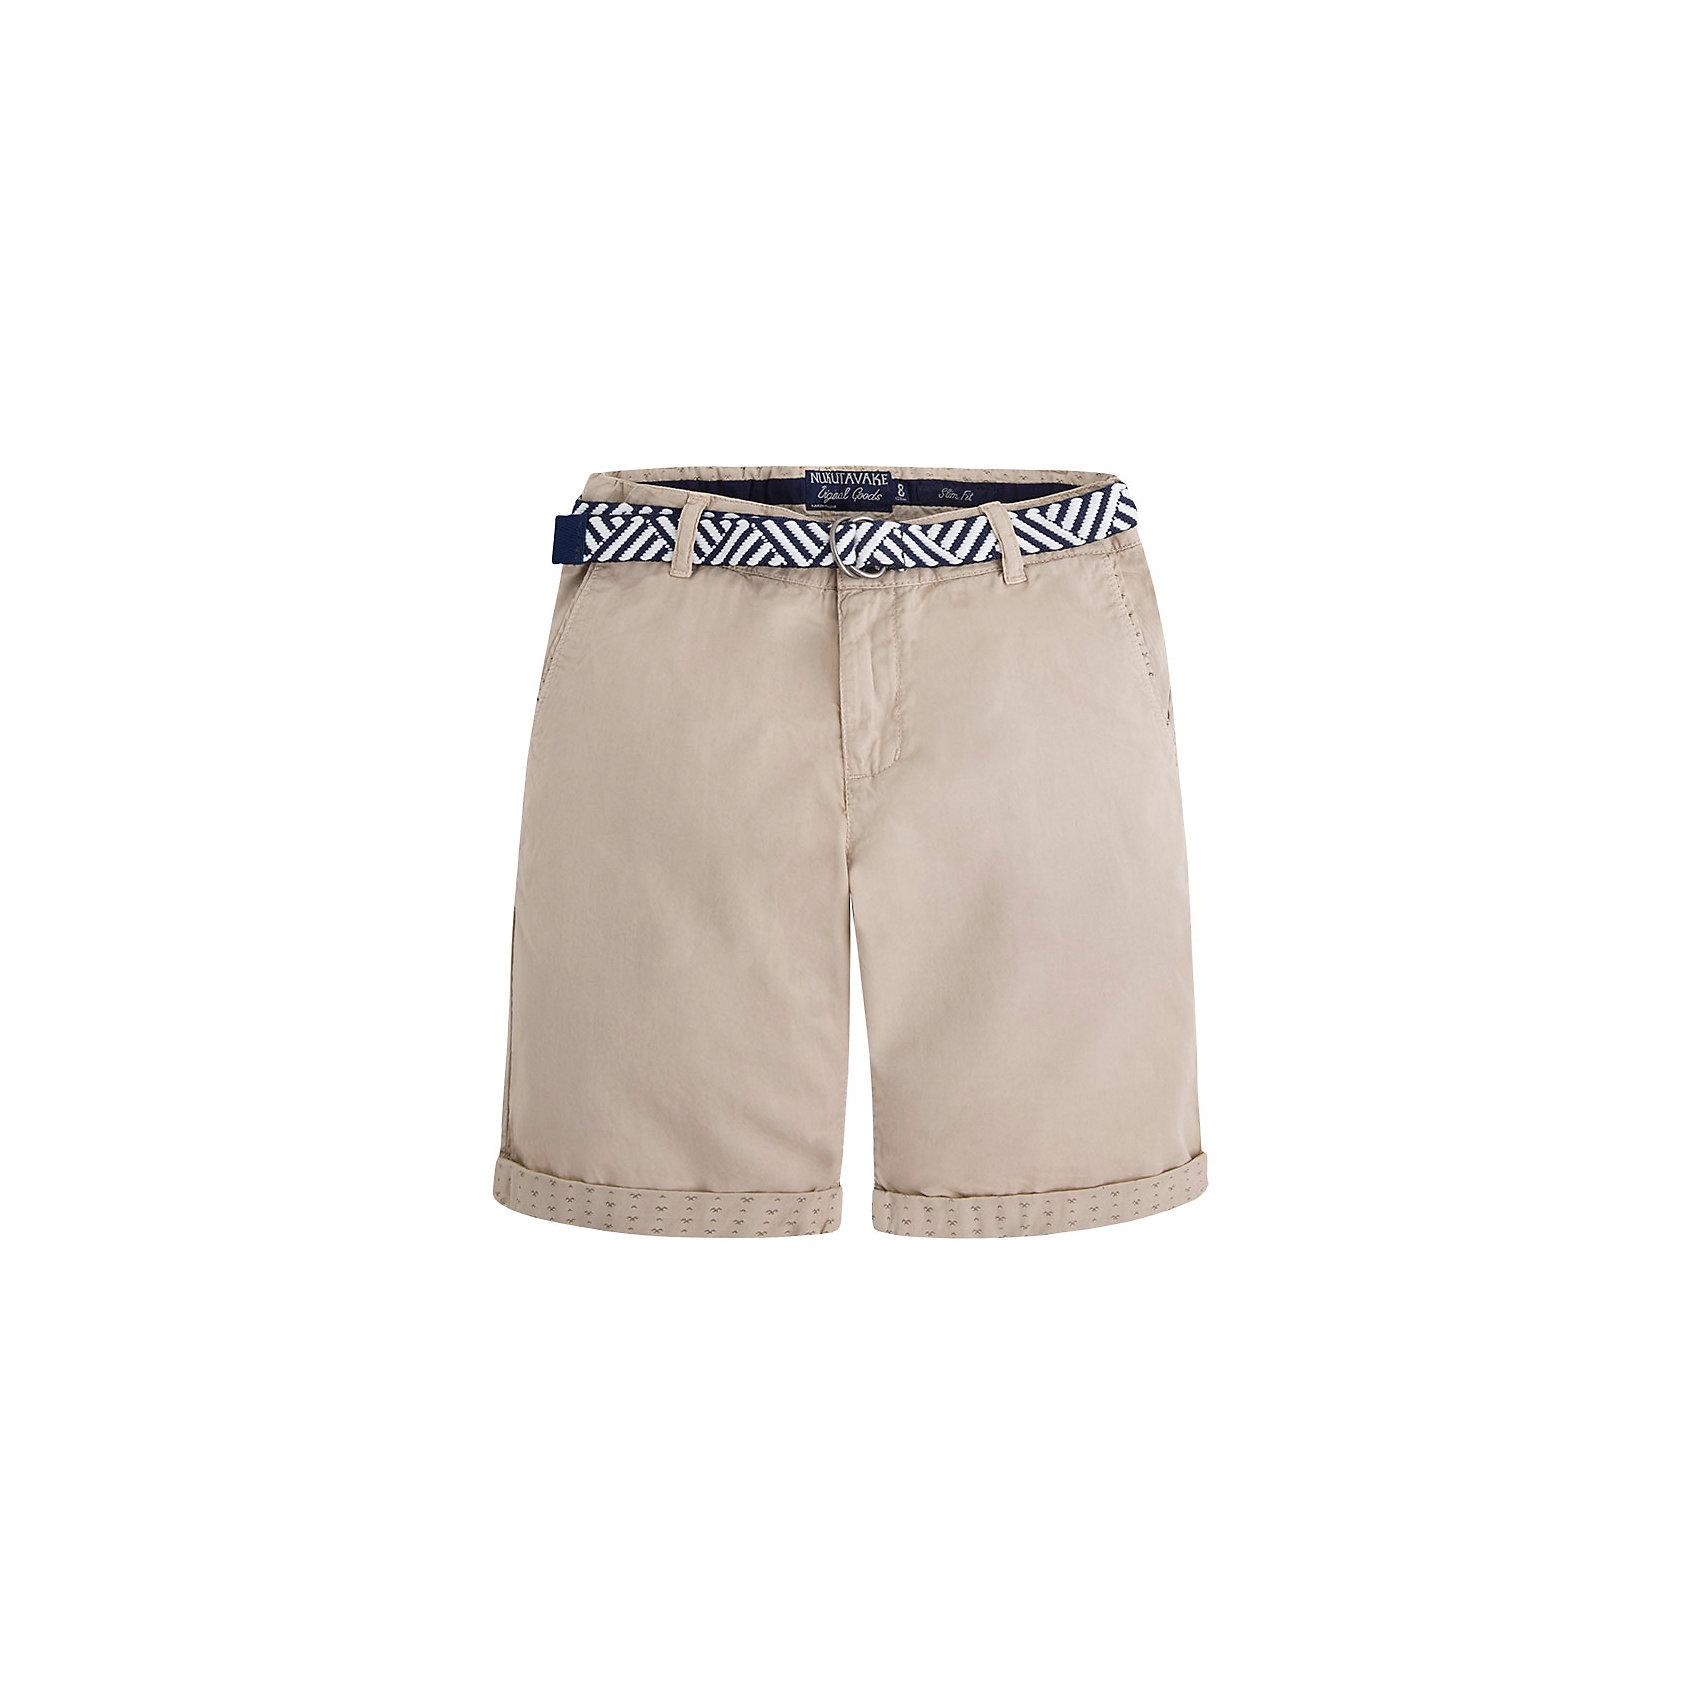 Шорты  для мальчика MayoralШорты  для мальчика от известной испанской марки Mayoral - прекрасный вариант для летнего гардероба юного модника. <br><br>Дополнительная информация:<br><br>- Текстильный пояс в комплекте.<br>- Прямой крой брючин.<br>- Тип застежки: молния, кнопка. <br>- 4 кармана (2 задних, 2 боковых).<br>- Задние карманы декорированы текстильными вставками. <br>- Стильные отвороты.<br>- Регулировка на талии с помощью внутренней резинки.  <br>- Состав: 100 % хлопок.<br><br>Шорты  для мальчика Mayoral (Майорал) можно купить в нашем магазине.<br><br>Ширина мм: 191<br>Глубина мм: 10<br>Высота мм: 175<br>Вес г: 273<br>Цвет: бежевый<br>Возраст от месяцев: 132<br>Возраст до месяцев: 144<br>Пол: Мужской<br>Возраст: Детский<br>Размер: 152,128,140,158,164<br>SKU: 4538372